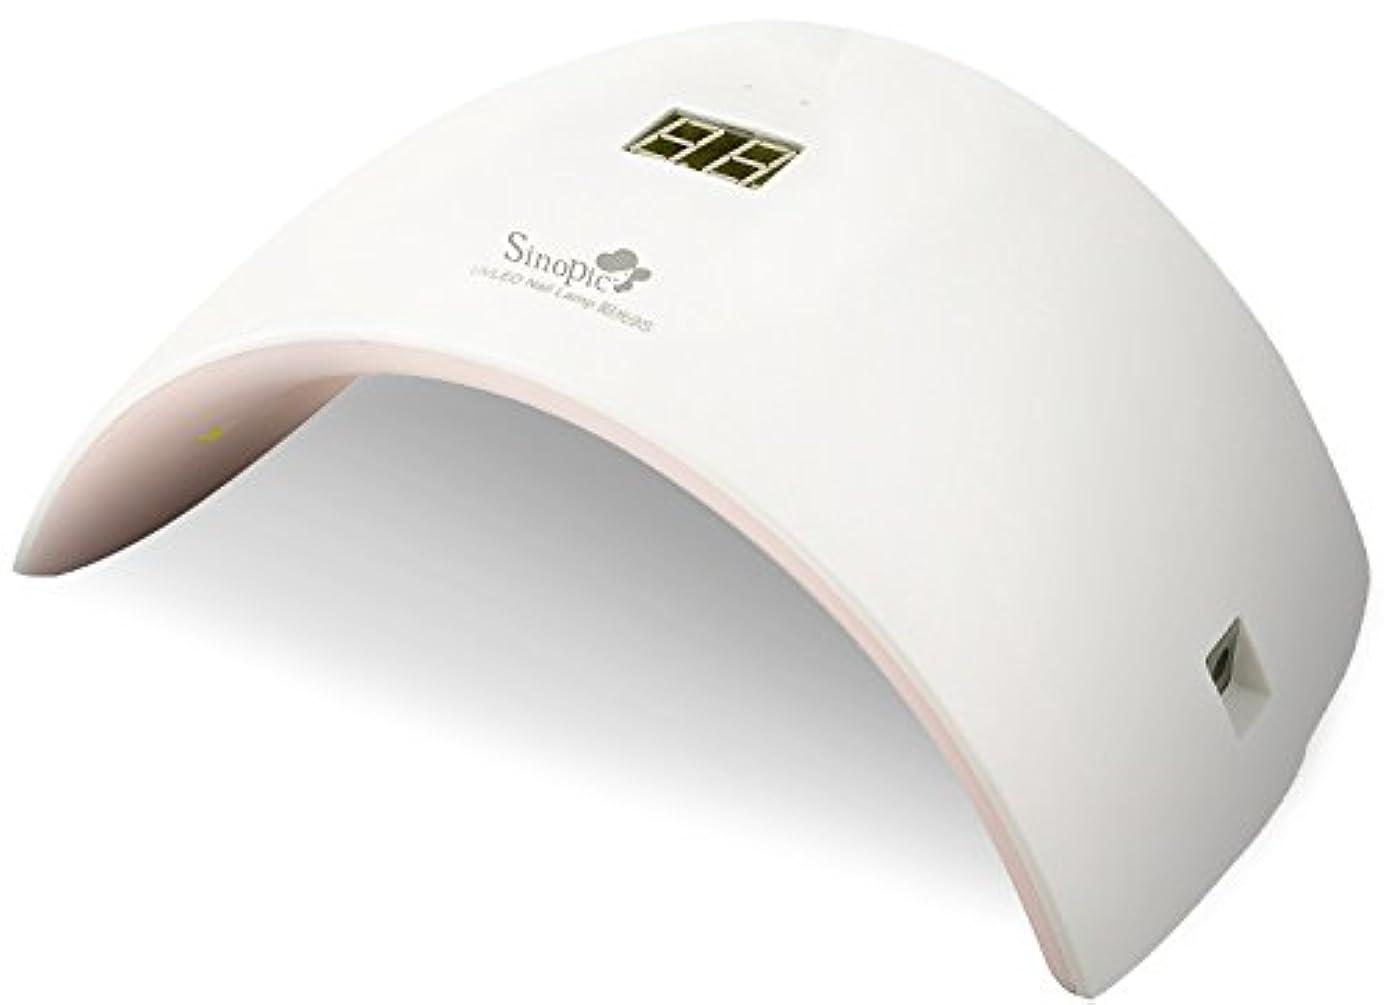 バイオレットおしゃれじゃない診療所Sinopic ネイルドライヤー 硬化ライト 自動センサ式 UV+ LEDライト 24W ジェルネイル マニキュアゲル 赤外線感知 品番:9S